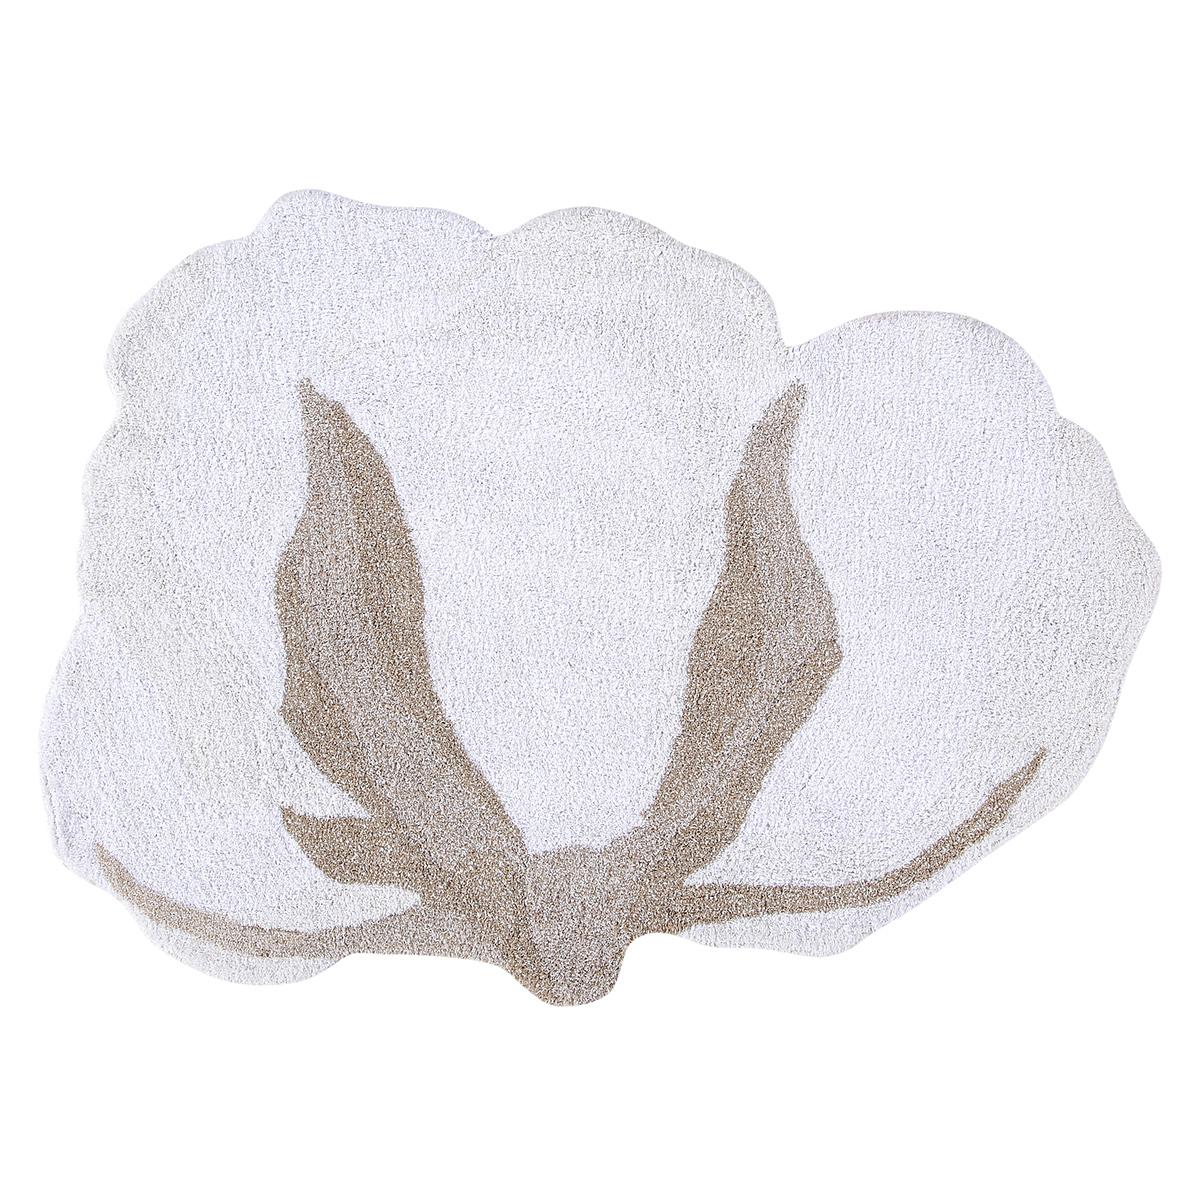 Tapis Tapis Lavable Fleur de Coton - 120 x 130 cm Tapis Lavable Fleur de Coton - 120 x 130 cm